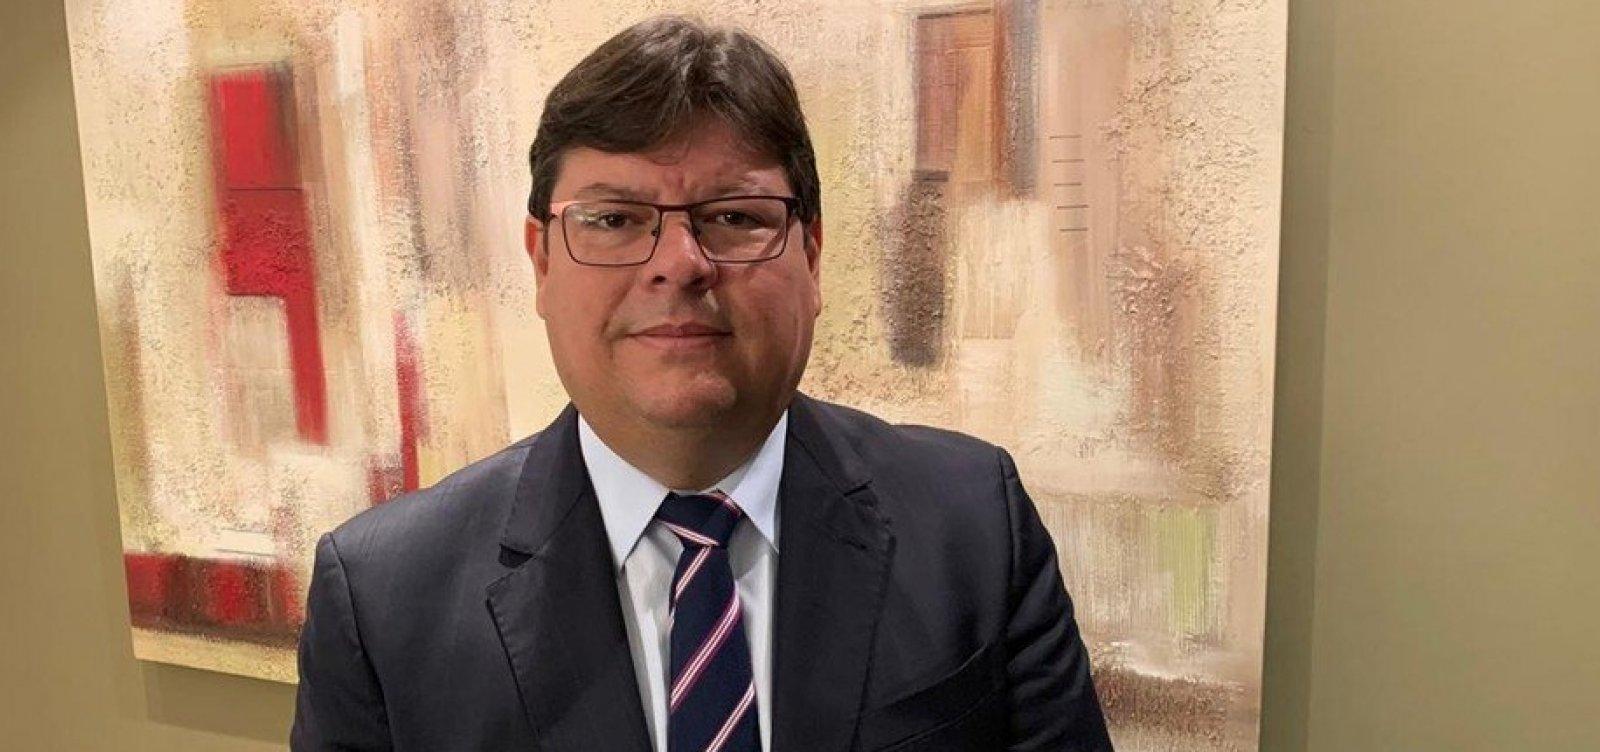 Novo procurador-geral do Rio de Janeiro decide controlar apurações sensíveis no MP